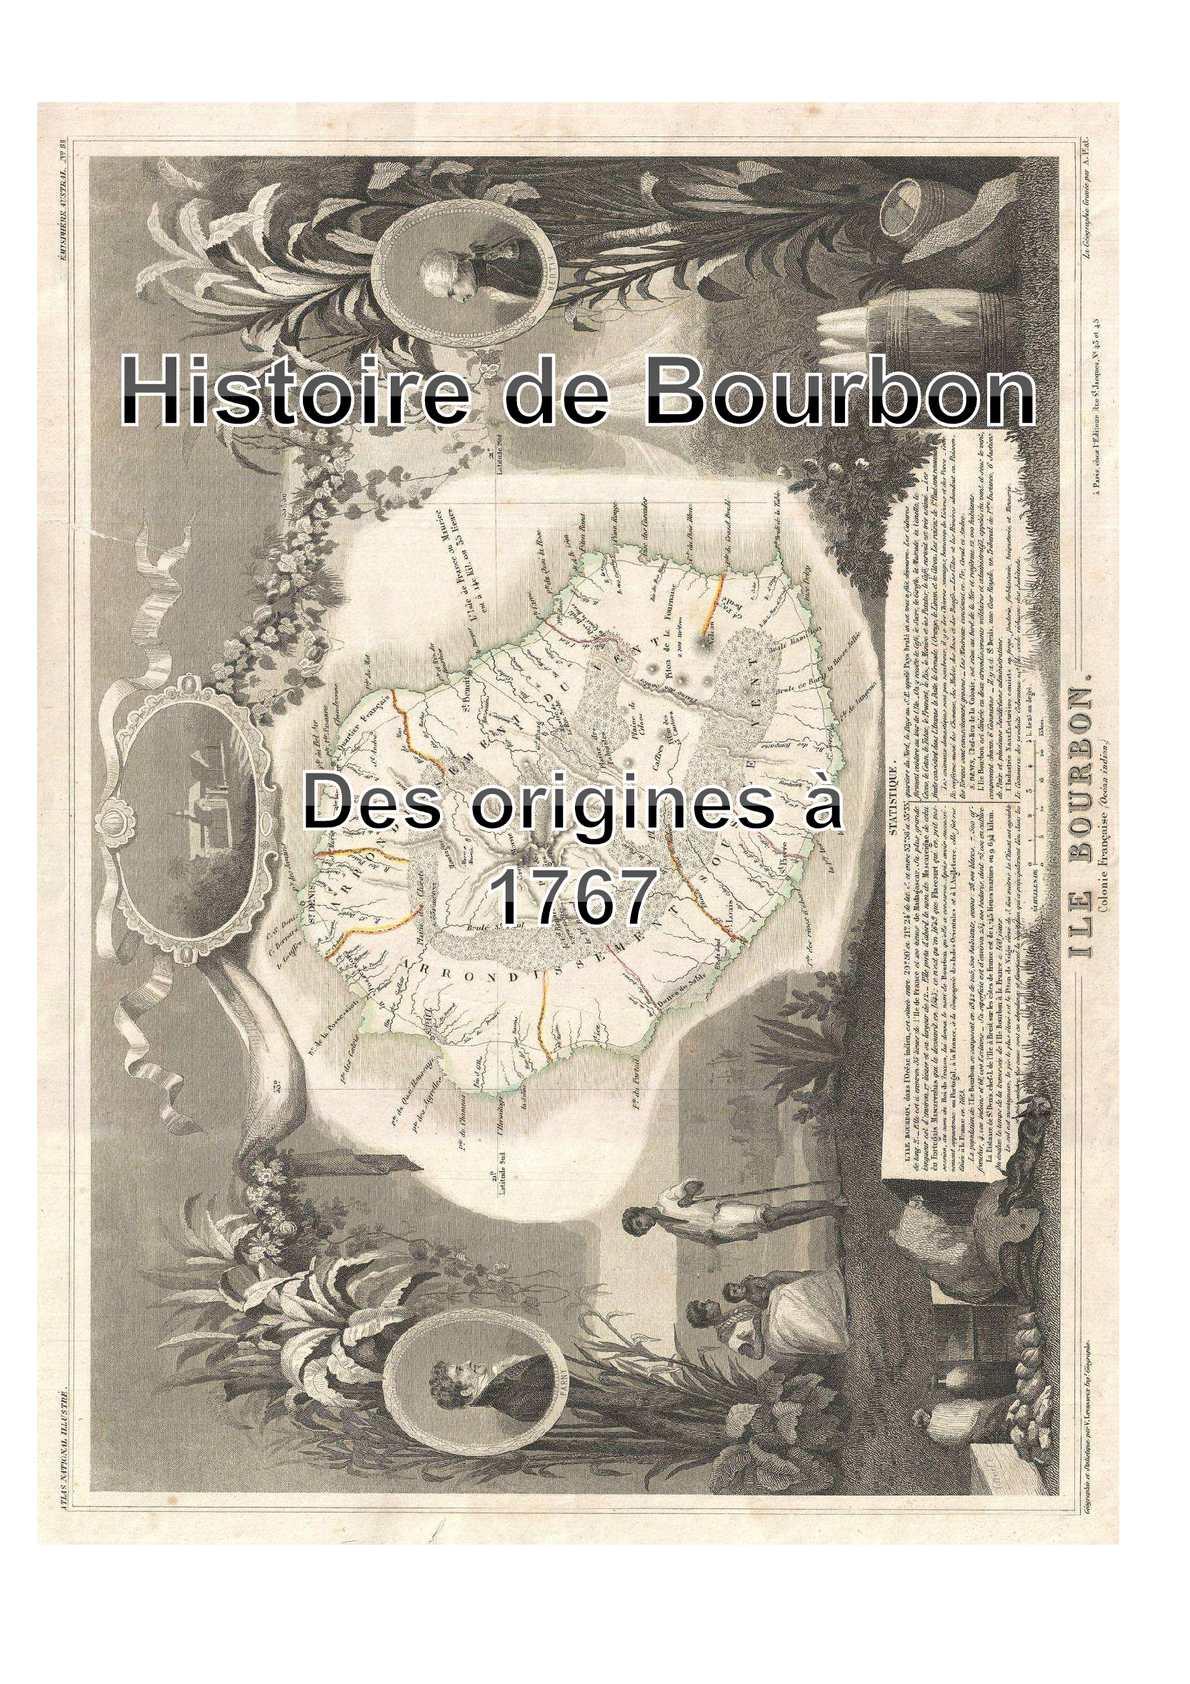 Histoire de Bourbon